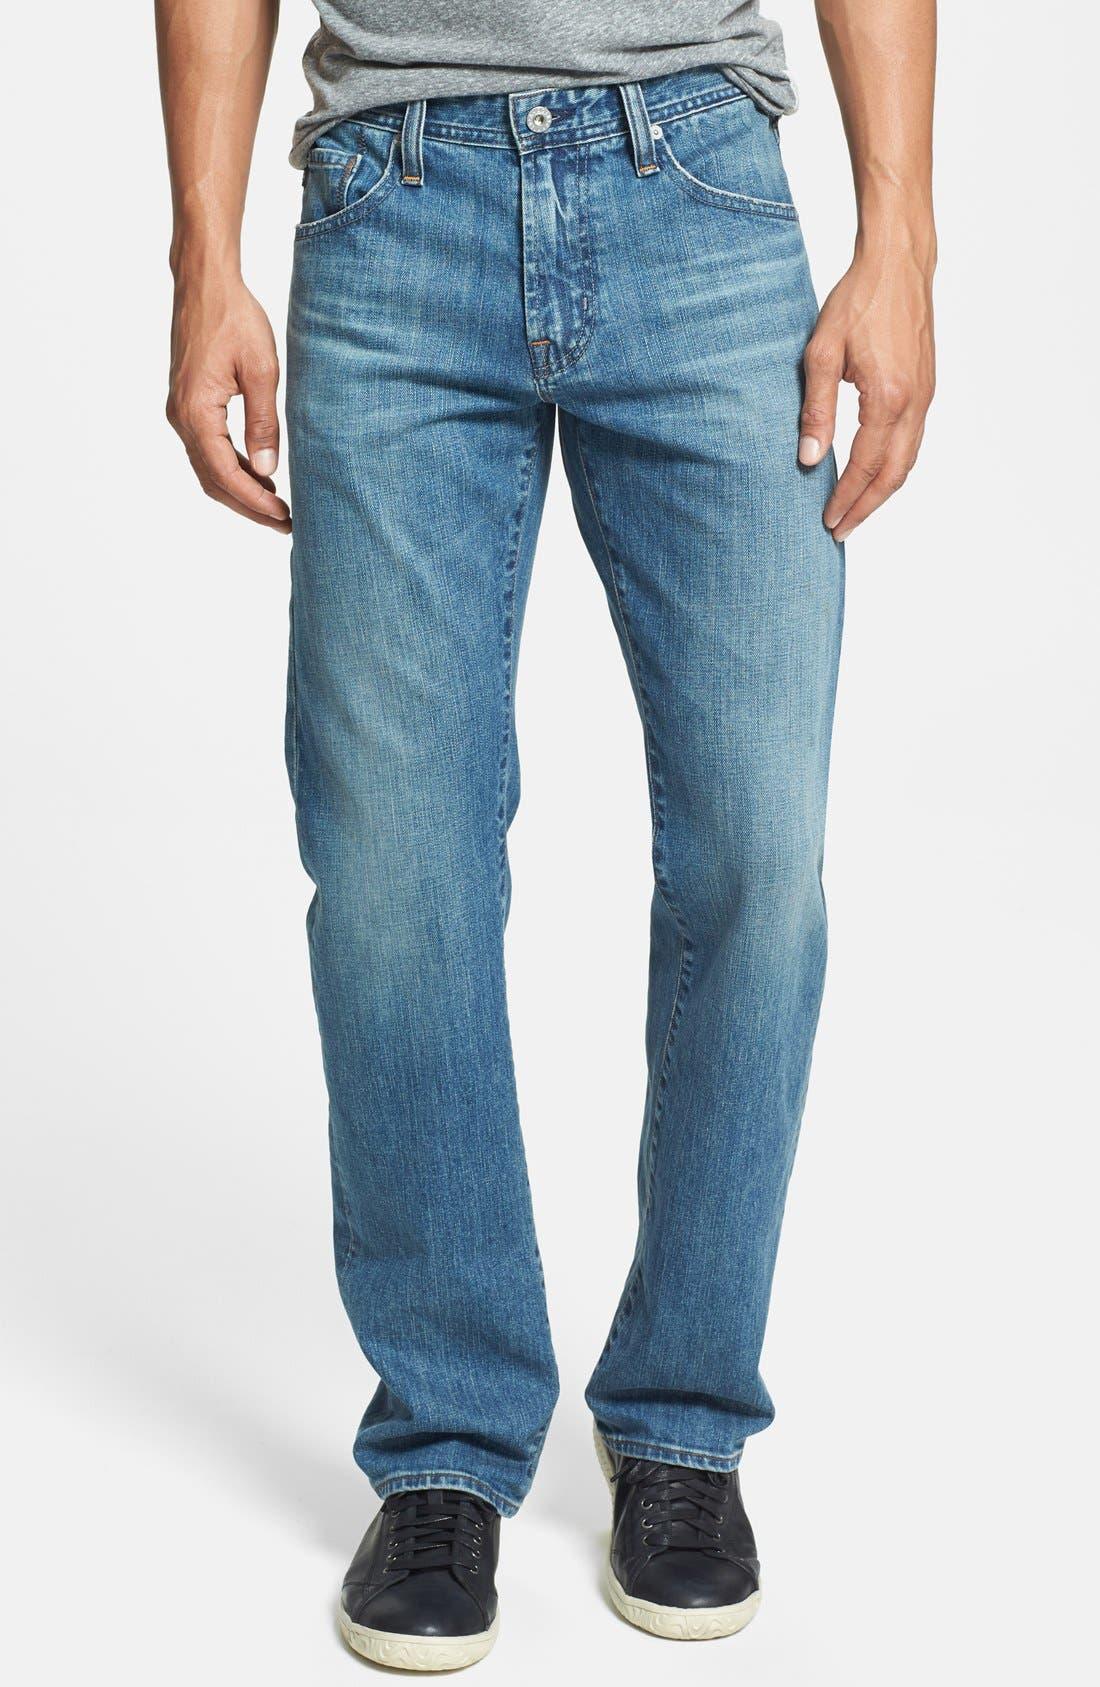 Main Image - AG 'Protégé' Straight Leg Jeans (Subterranean)